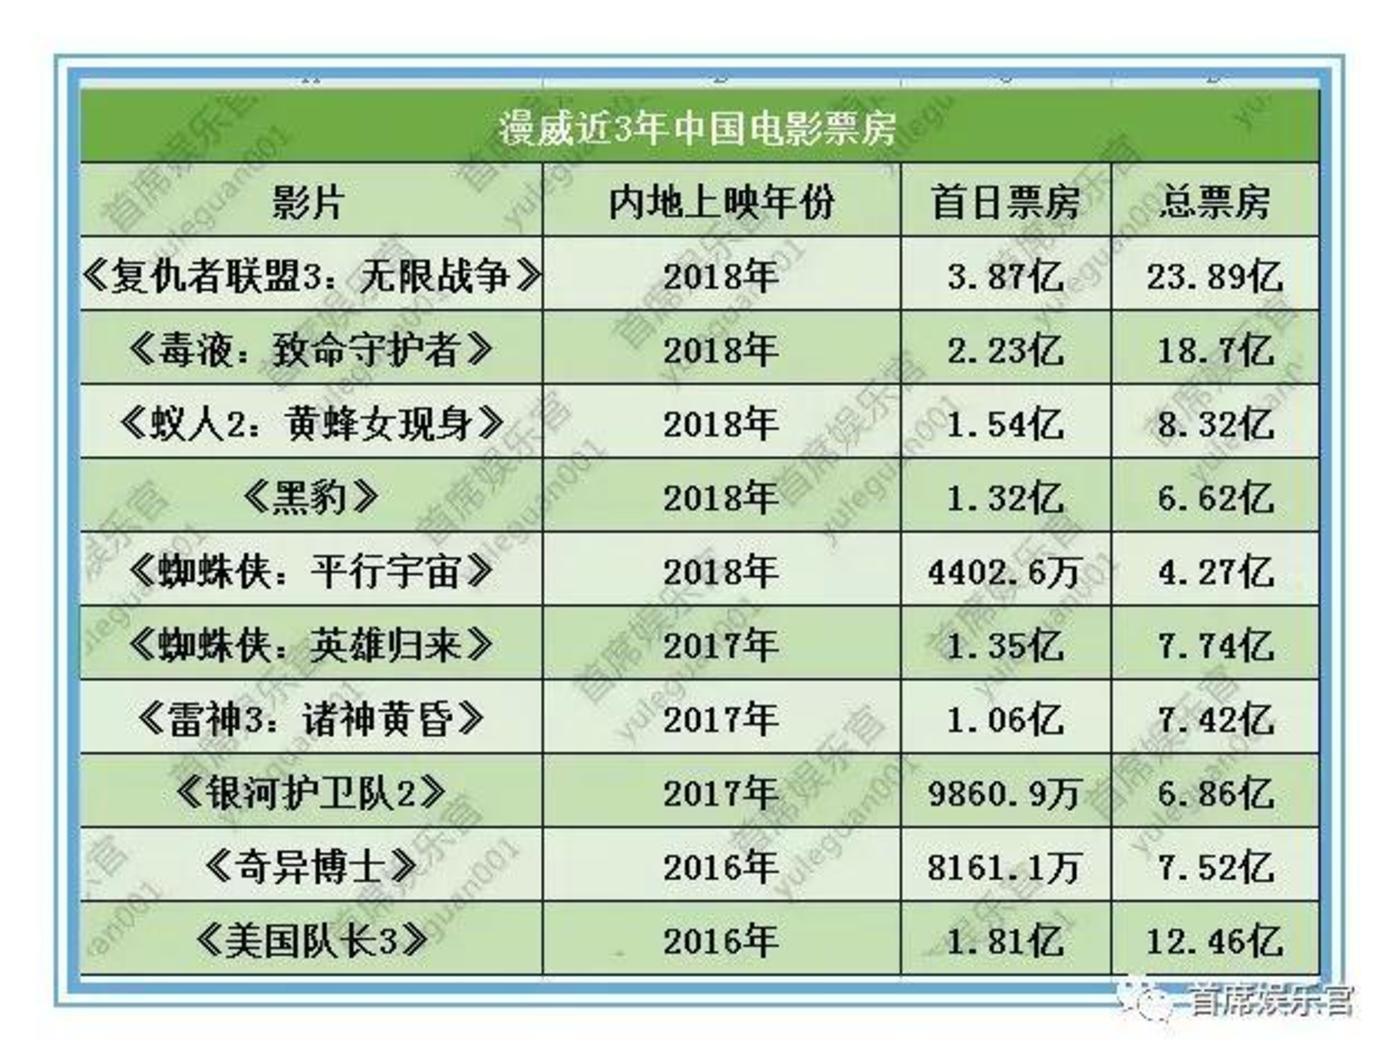 《复联4》内地定档,3年席卷103.8亿中国票房的漫威还有更大野心